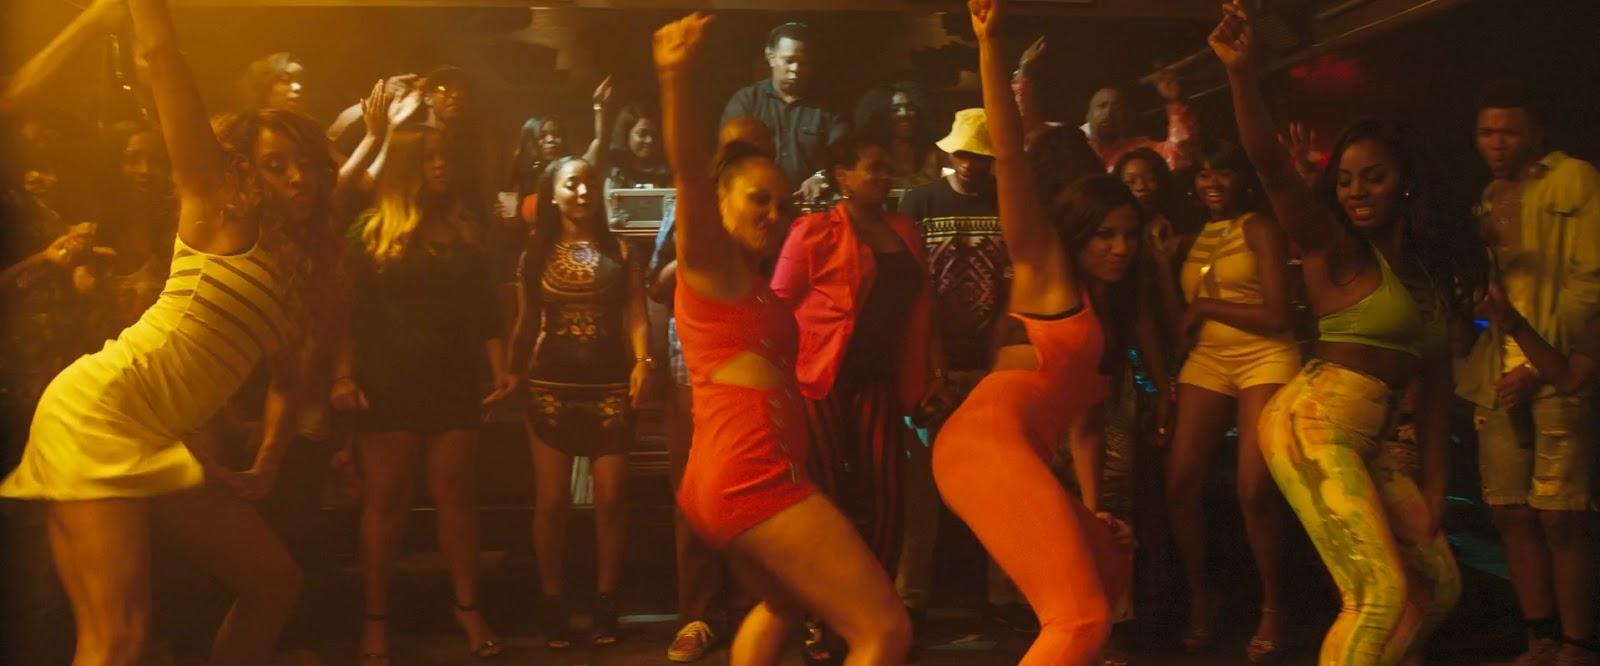 Viaje De Chicas (2017) 1080p Dual Latino - Ingles captura 3